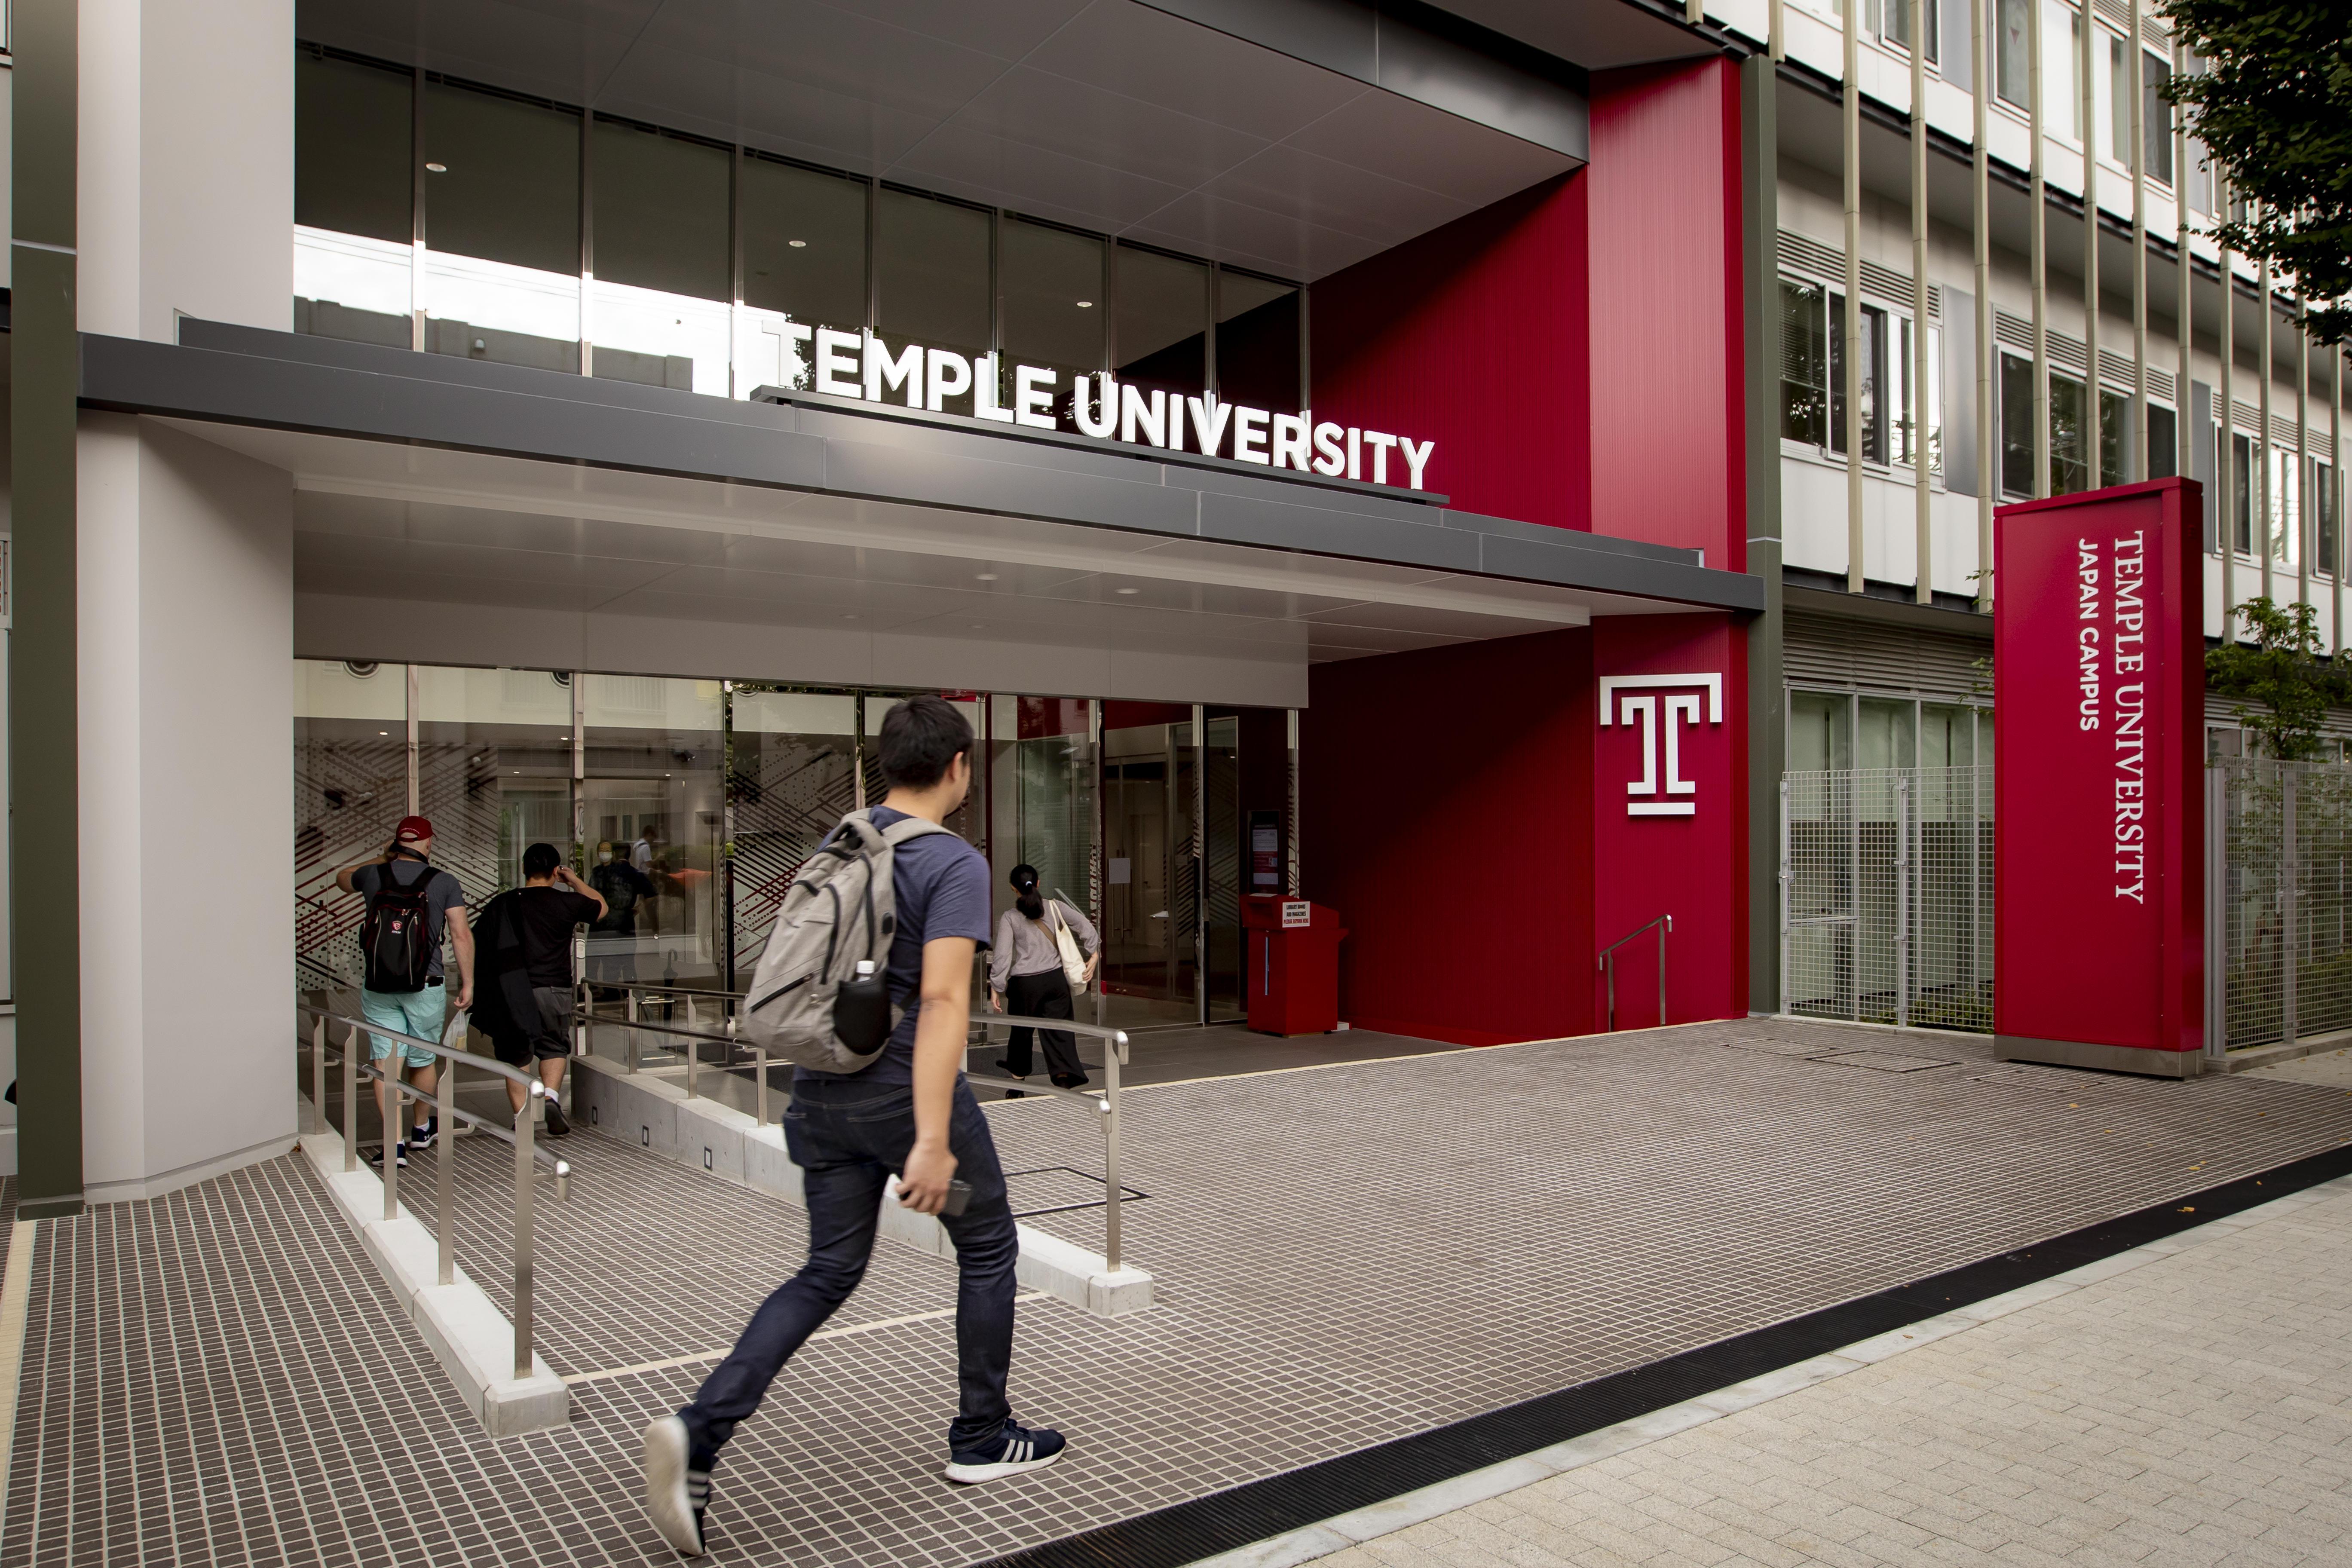 テンプル大学ジャパンキャンパス、コロナ禍での学生を継続的に支援